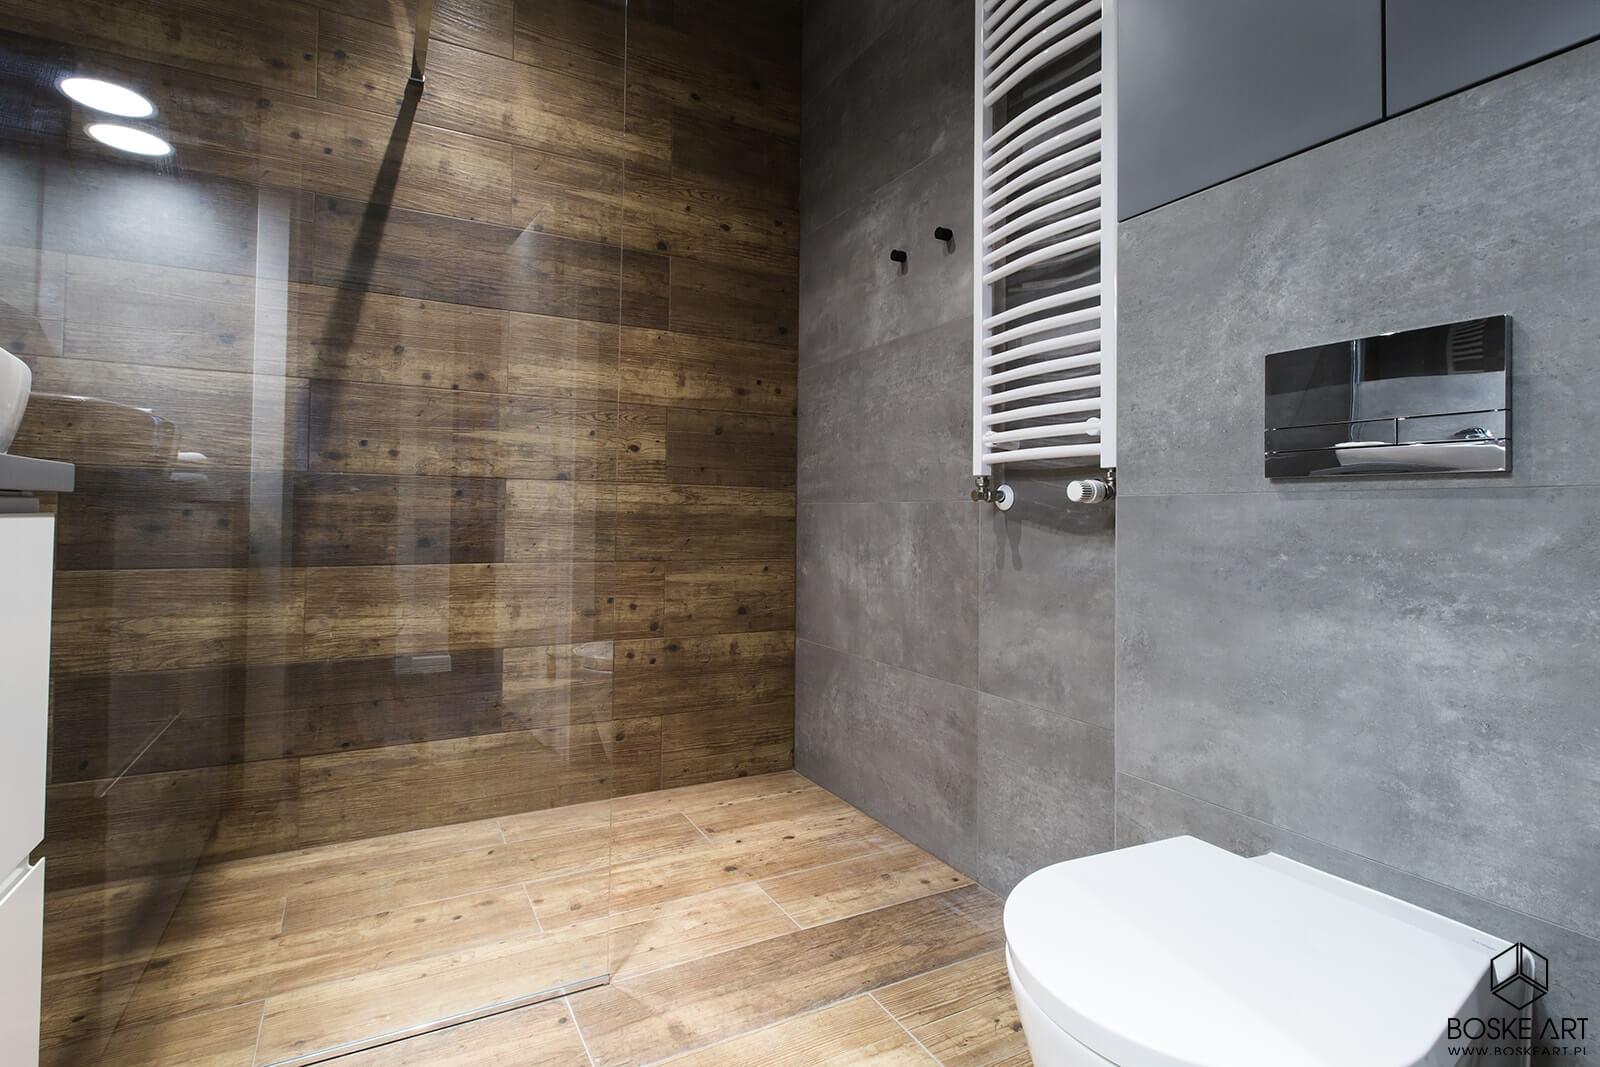 12_apartamenty_na_wynajem_poznan_boske_art_projektowanie_aranzacja_architektura_wnetrz_natalia_robaszkeiwicz-min